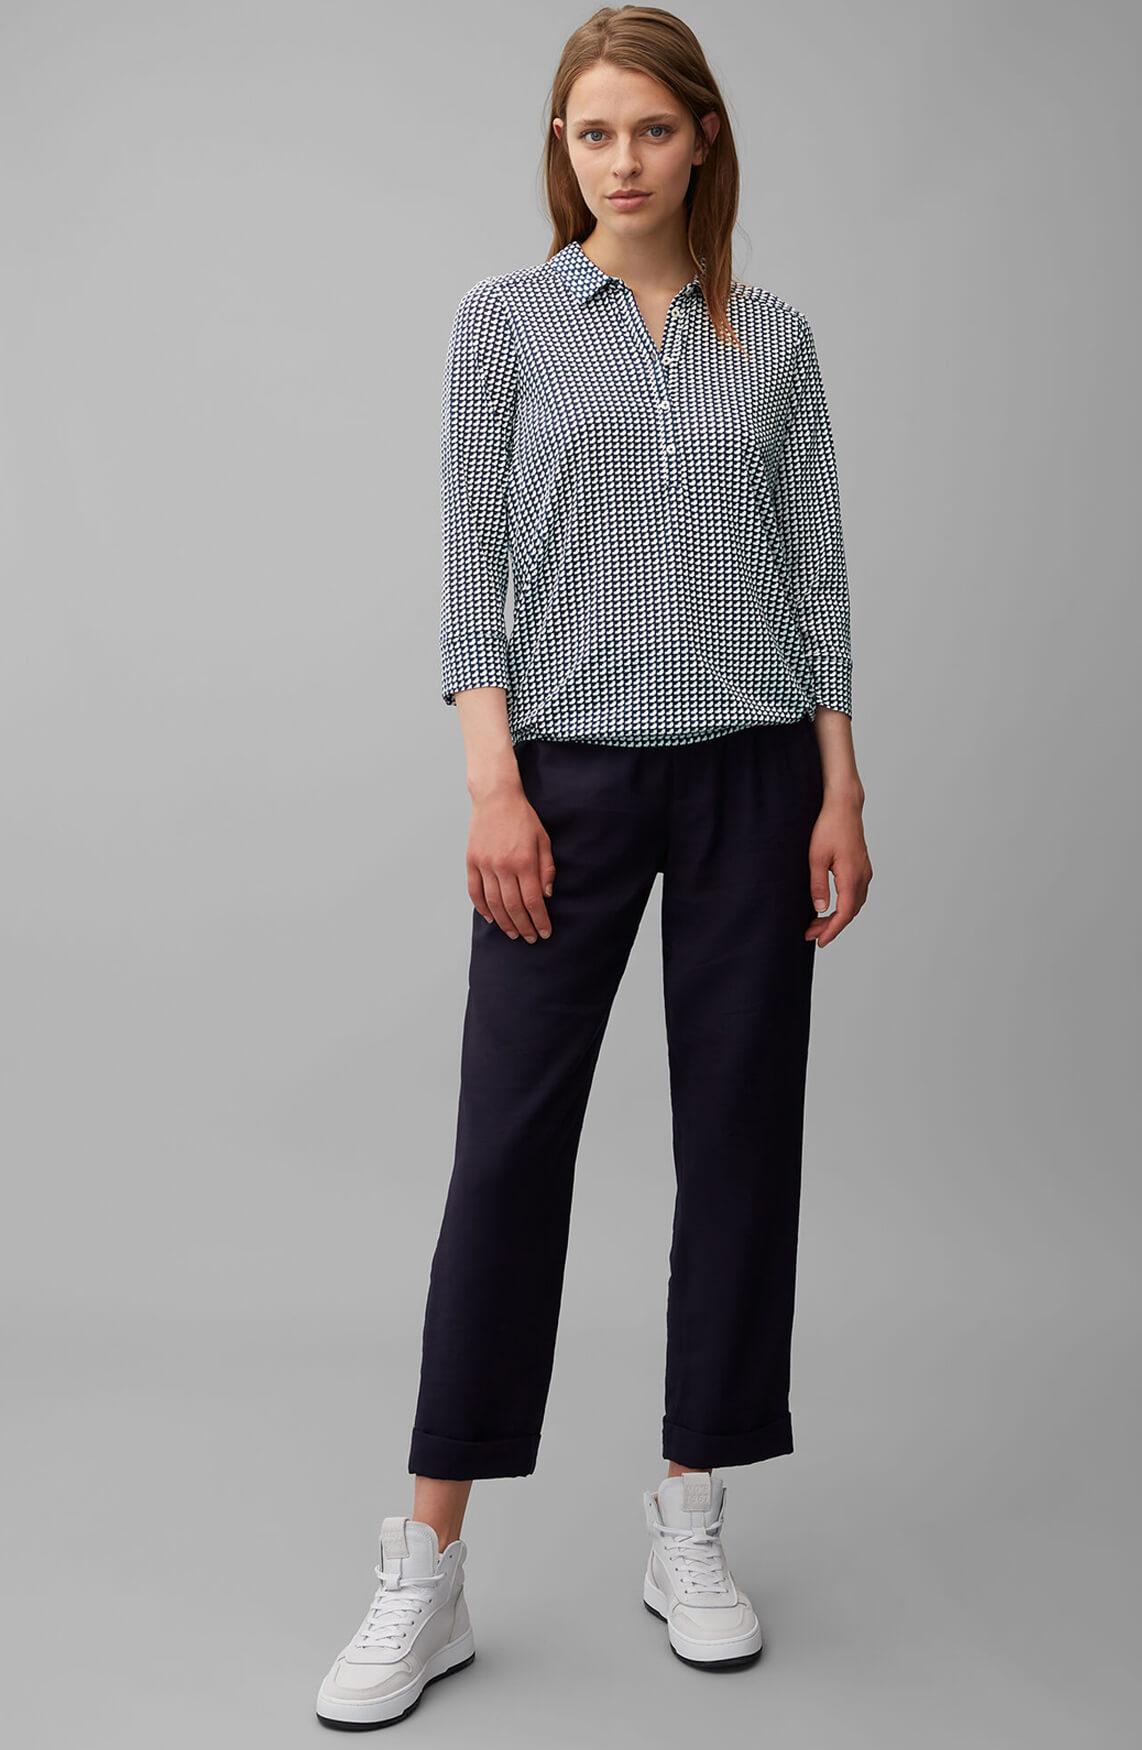 Marc O'Polo Dames Grafische blouse Blauw